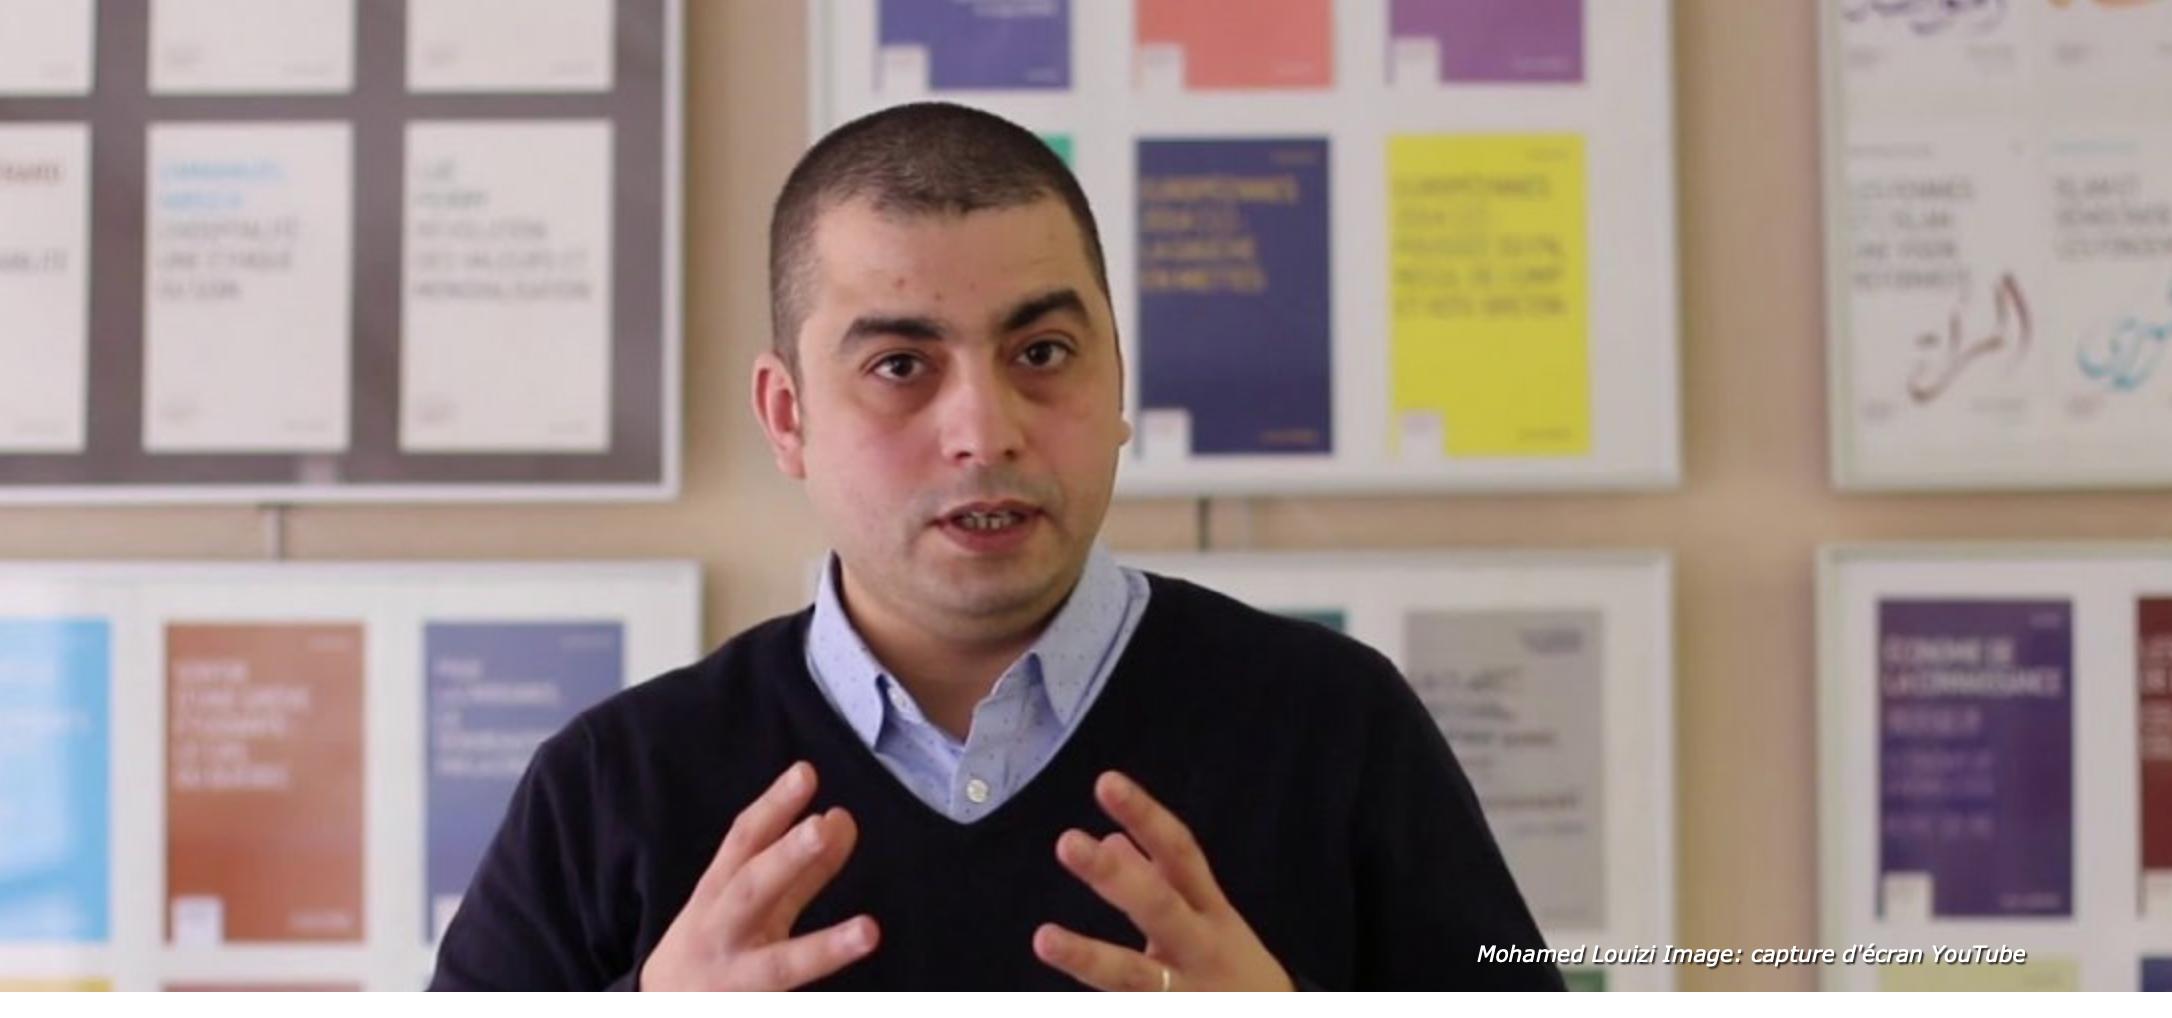 Accusé d'avoir révélé les accointances suspectes entre Macron et Frères musulmans, Louizi a gagné son procès